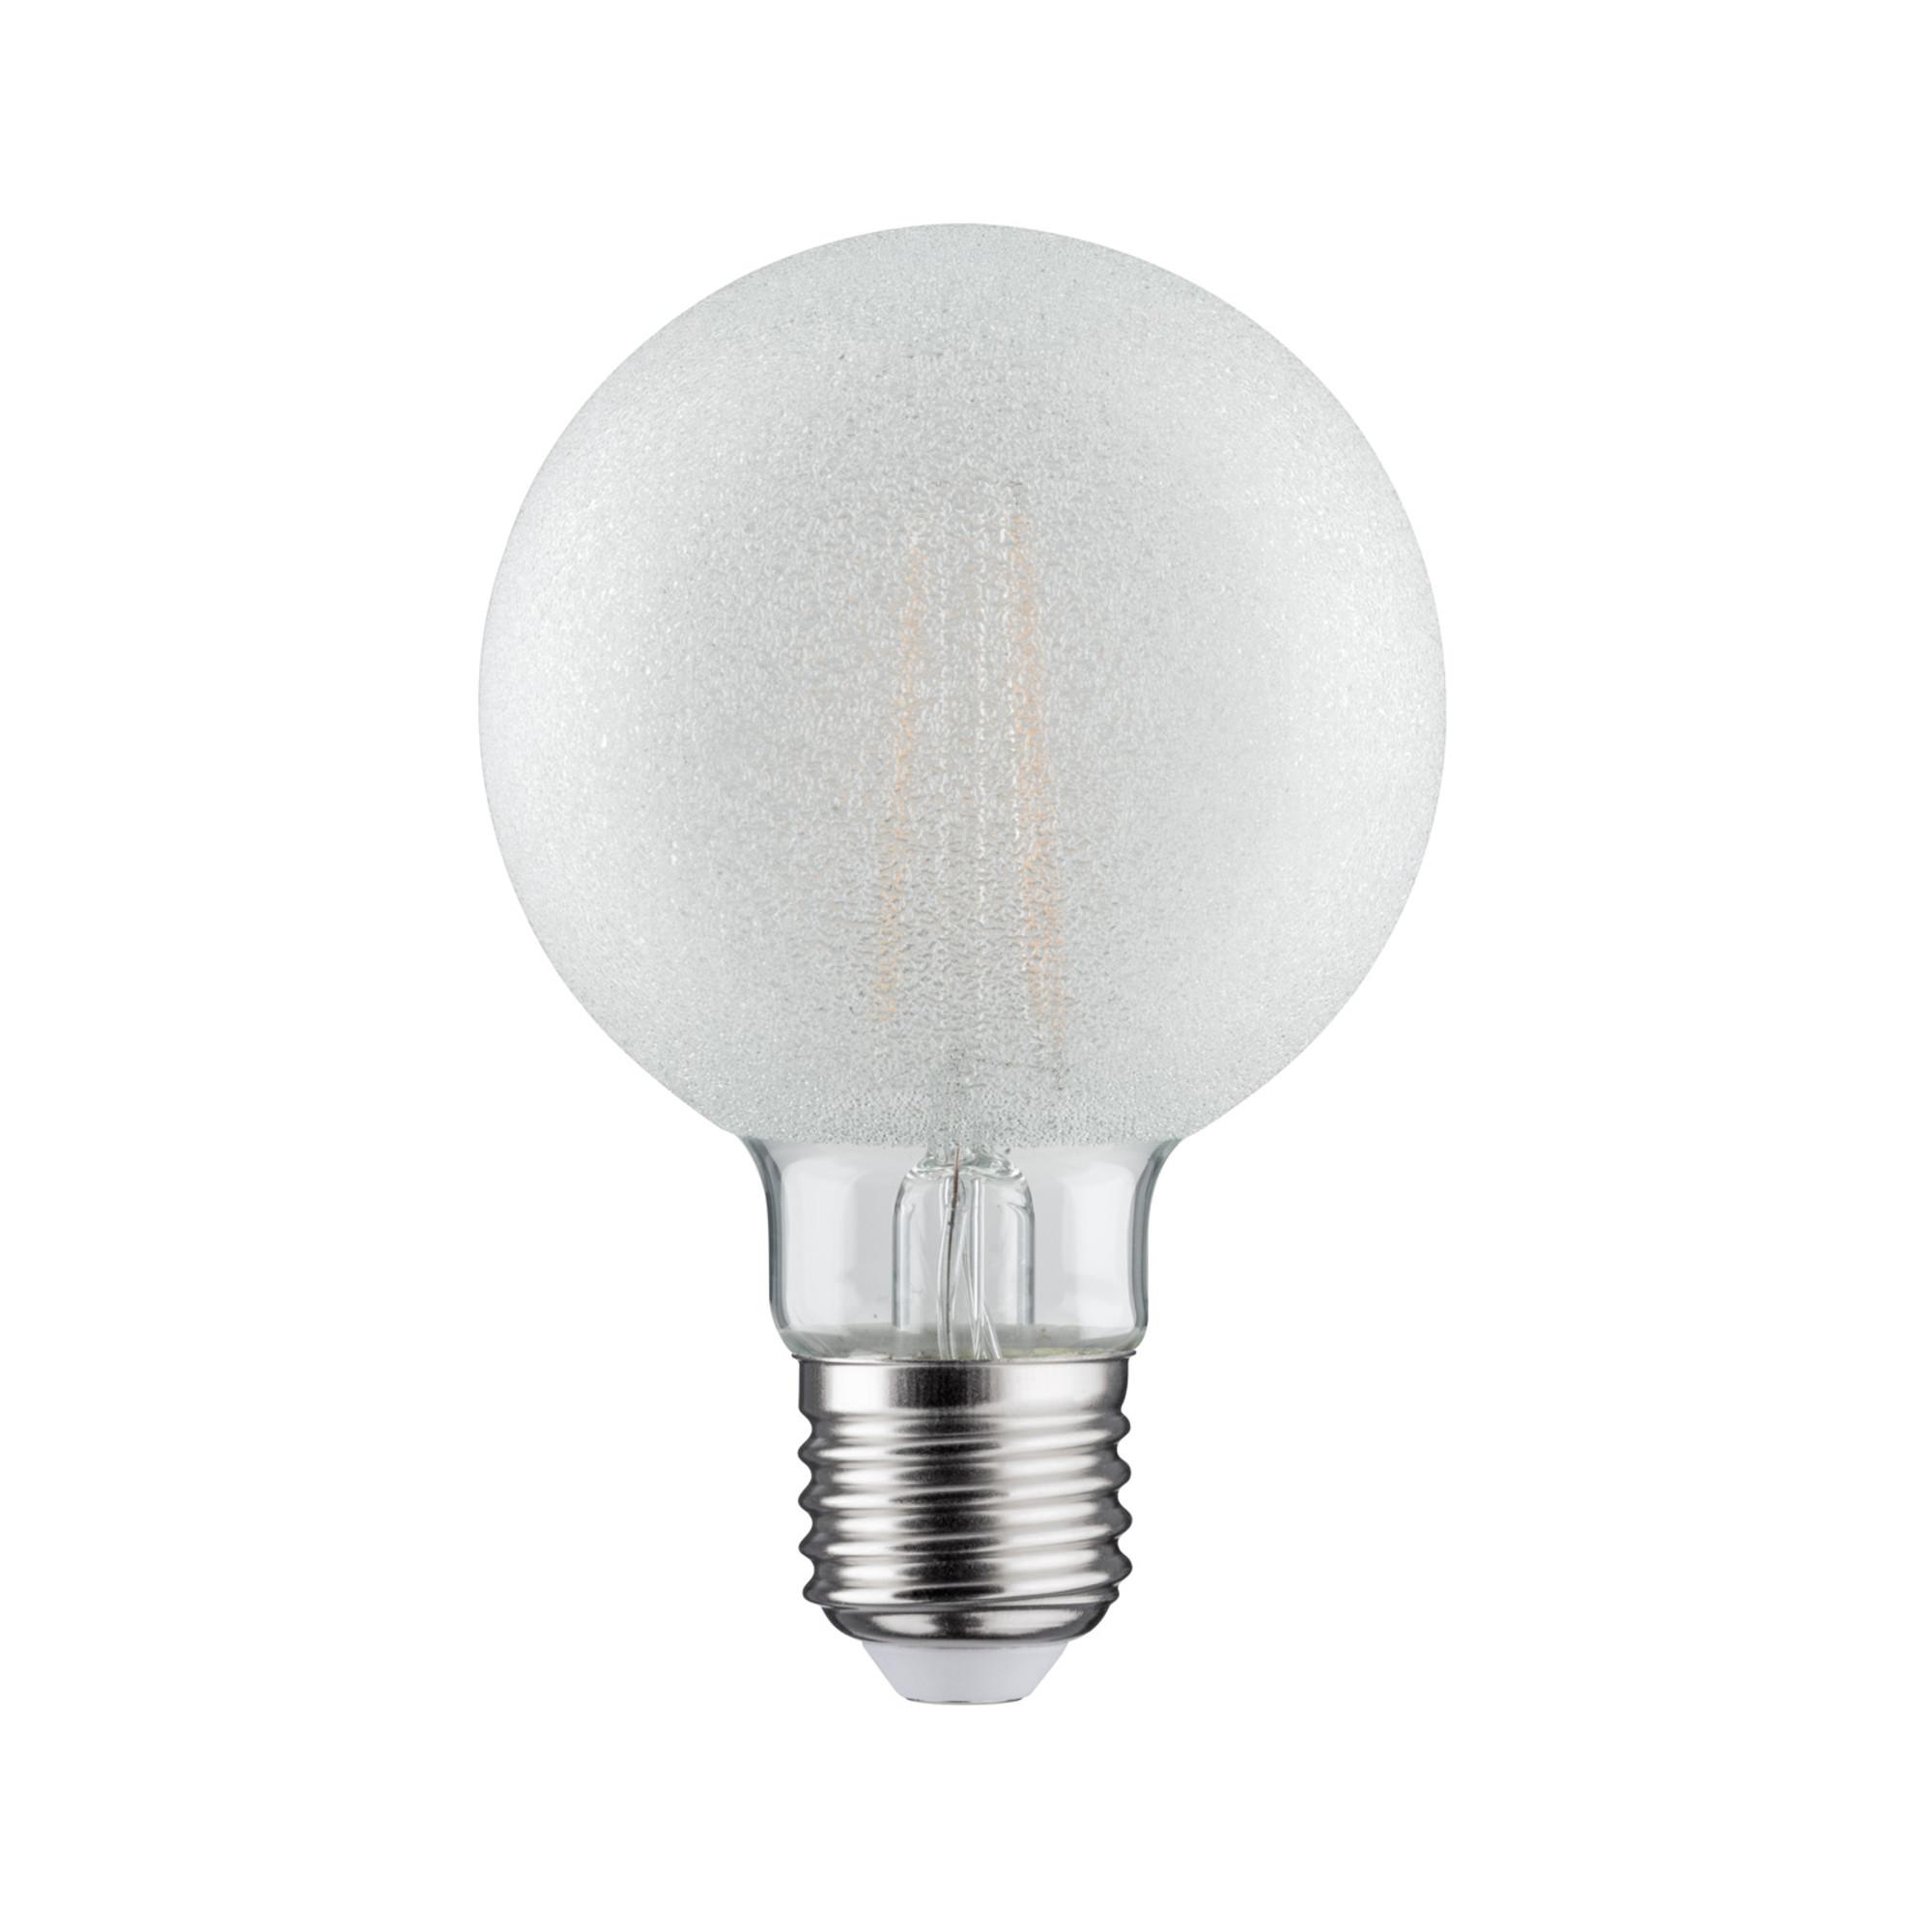 Лампа филаментная Paulmann Ретро Шар G80 6Вт 750лм 2700К Е27 230В Прозрачный Кристалл льда Регулируемая яркость 28485.